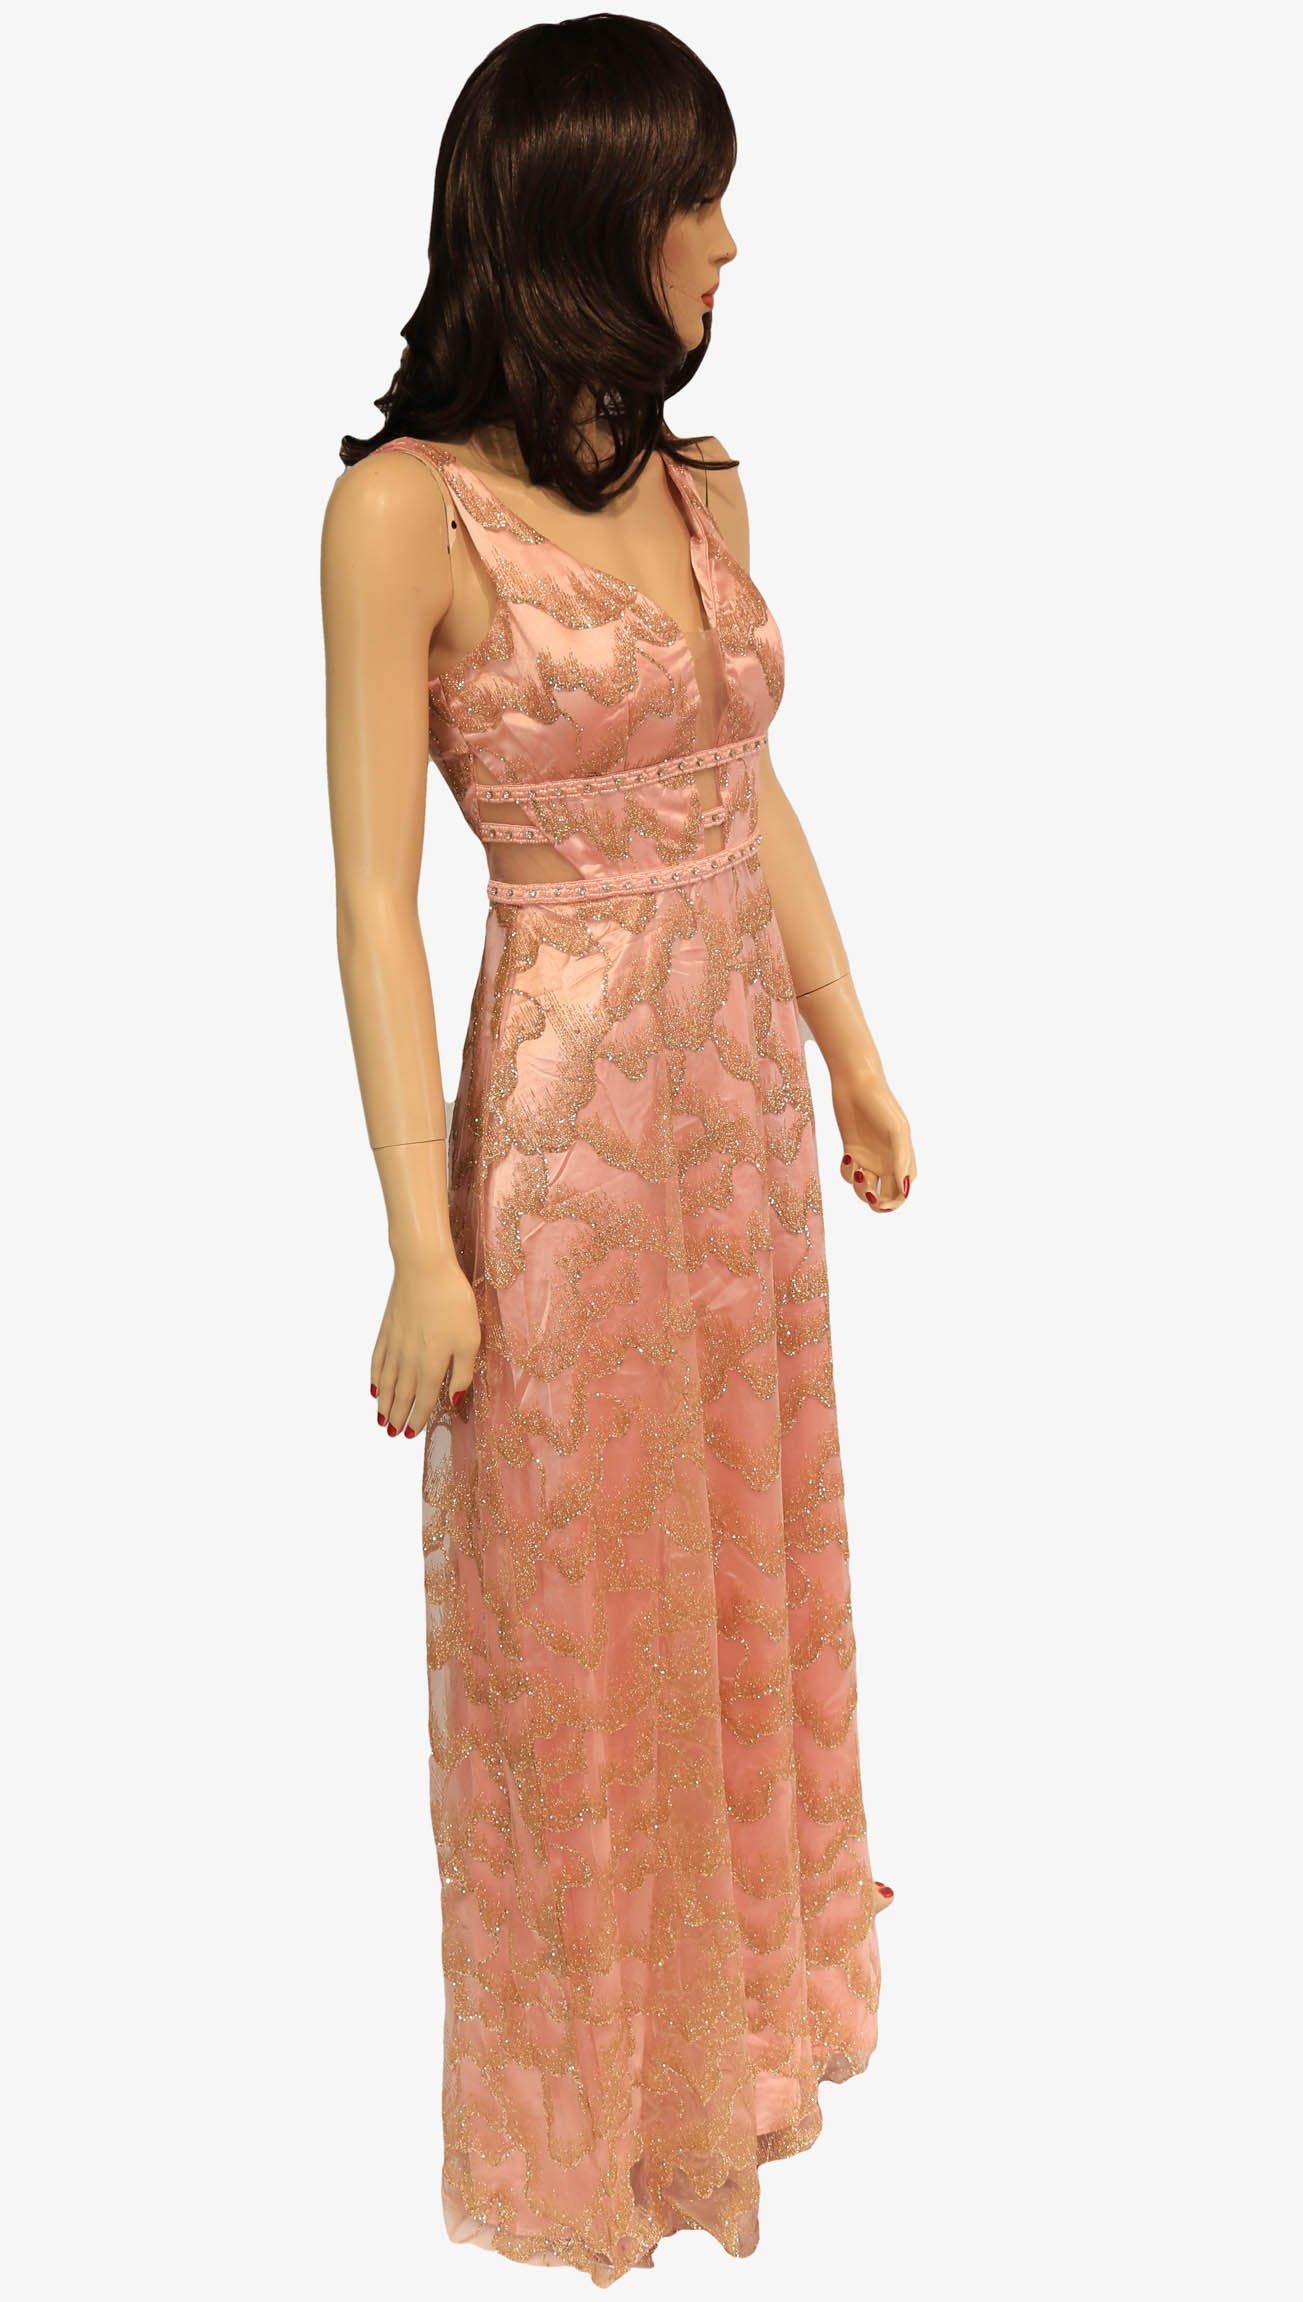 Designer Einfach Abendkleid In Englisch Design17 Genial Abendkleid In Englisch Boutique